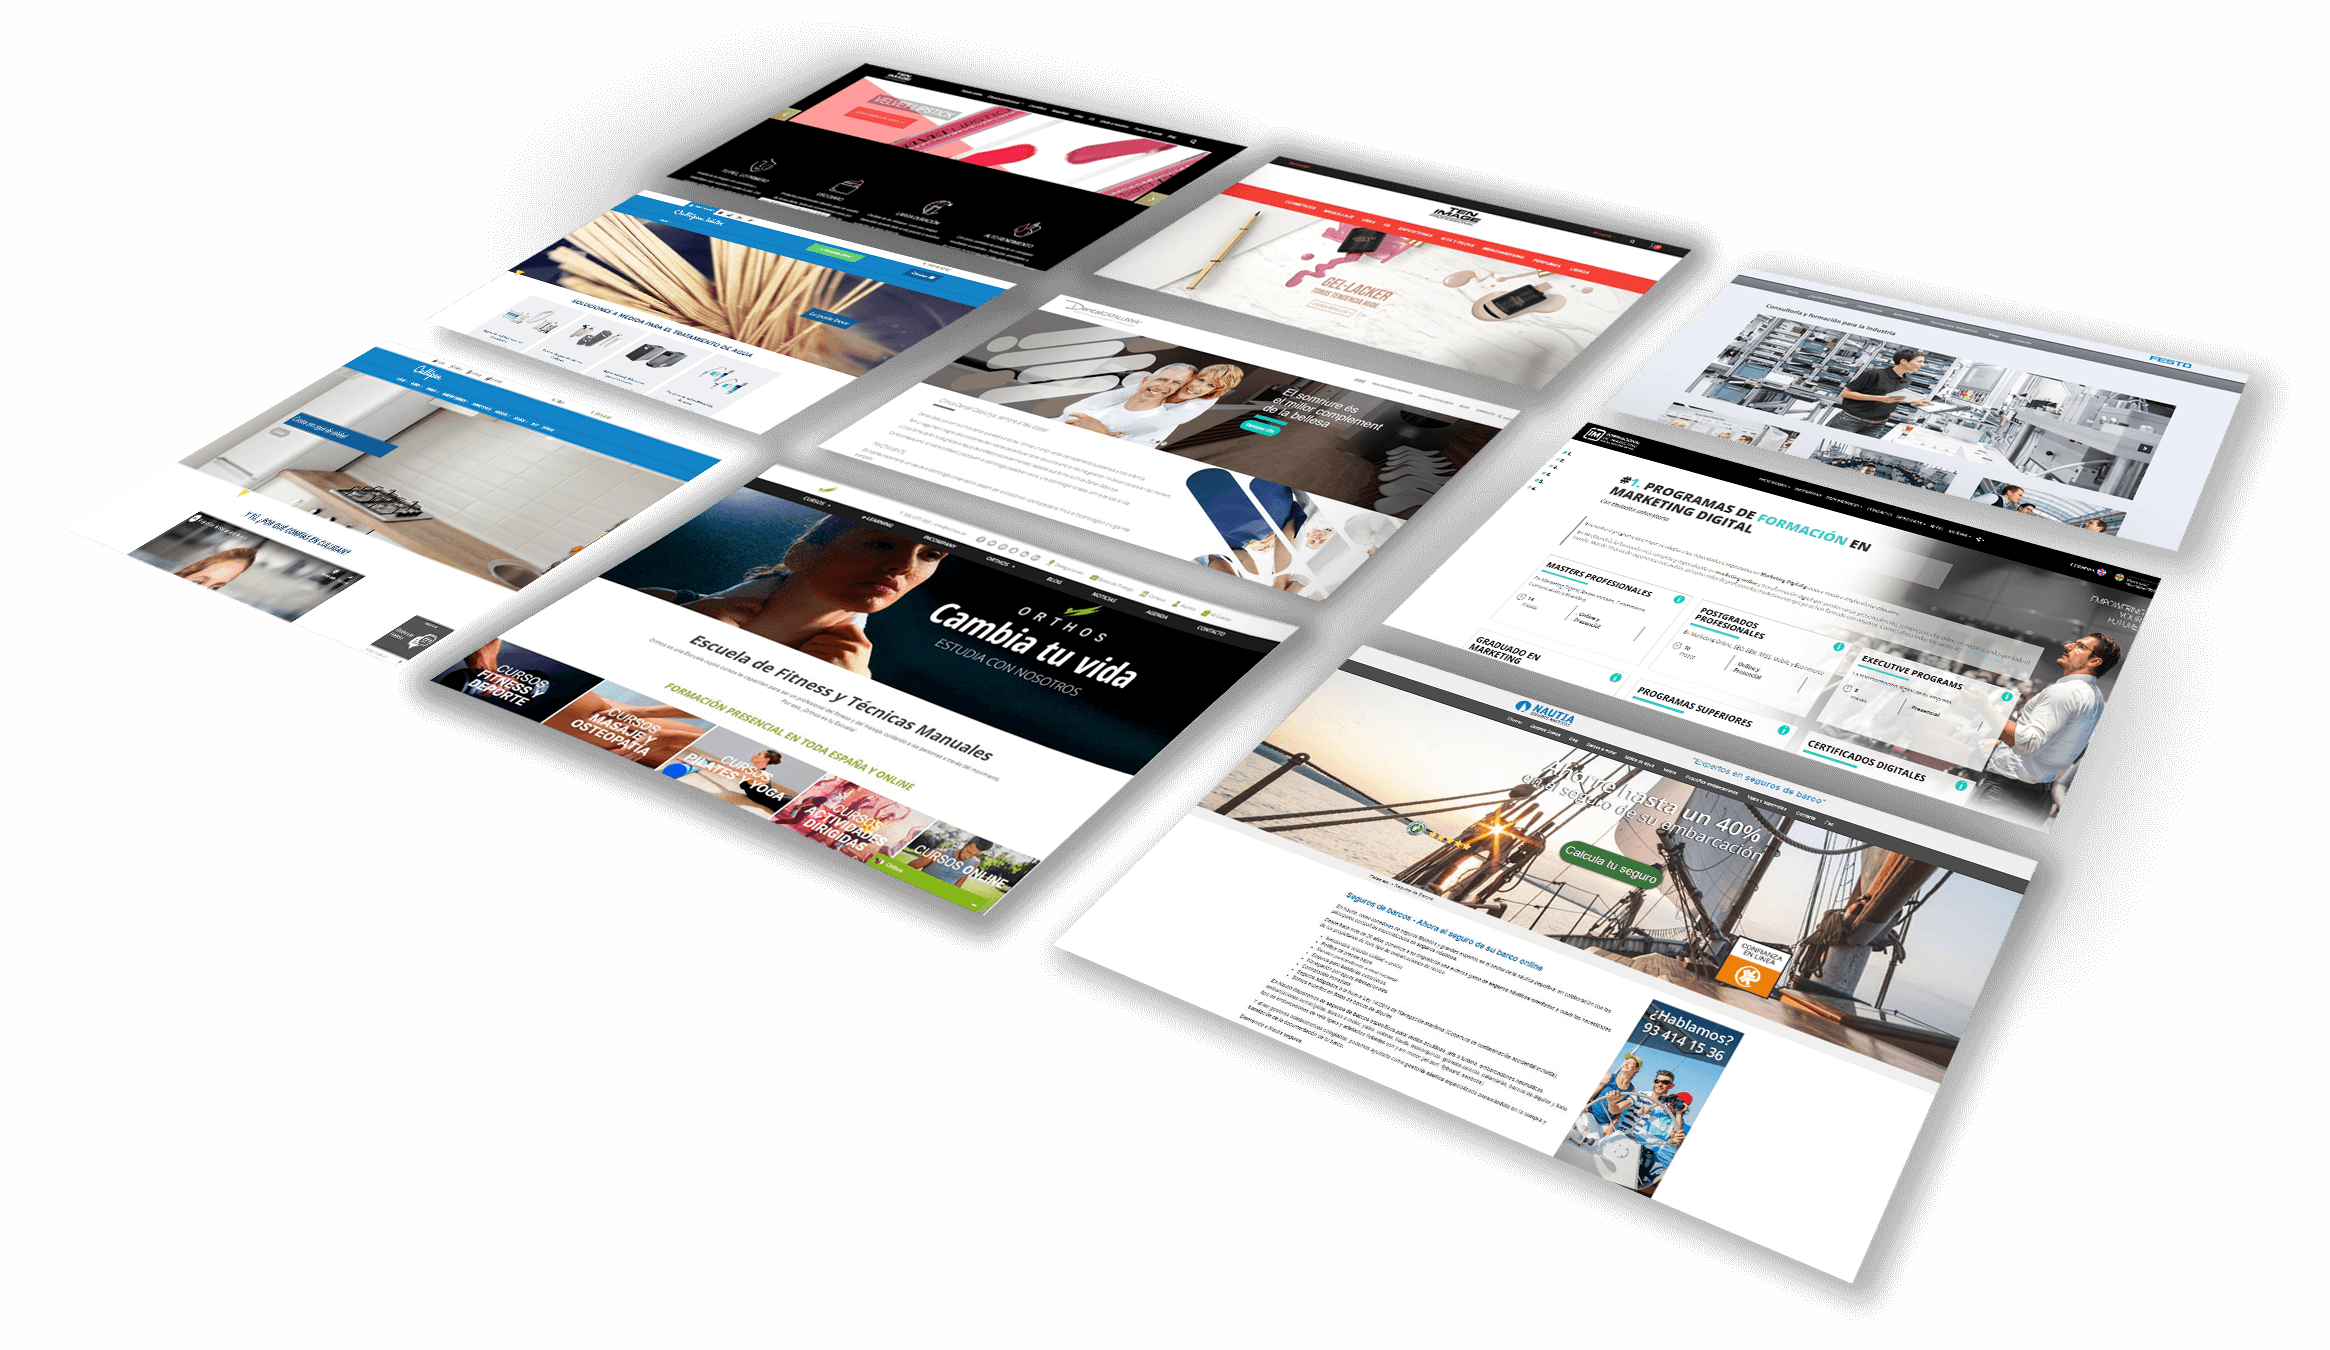 crear un site web para una empresa o analizar una pagina web